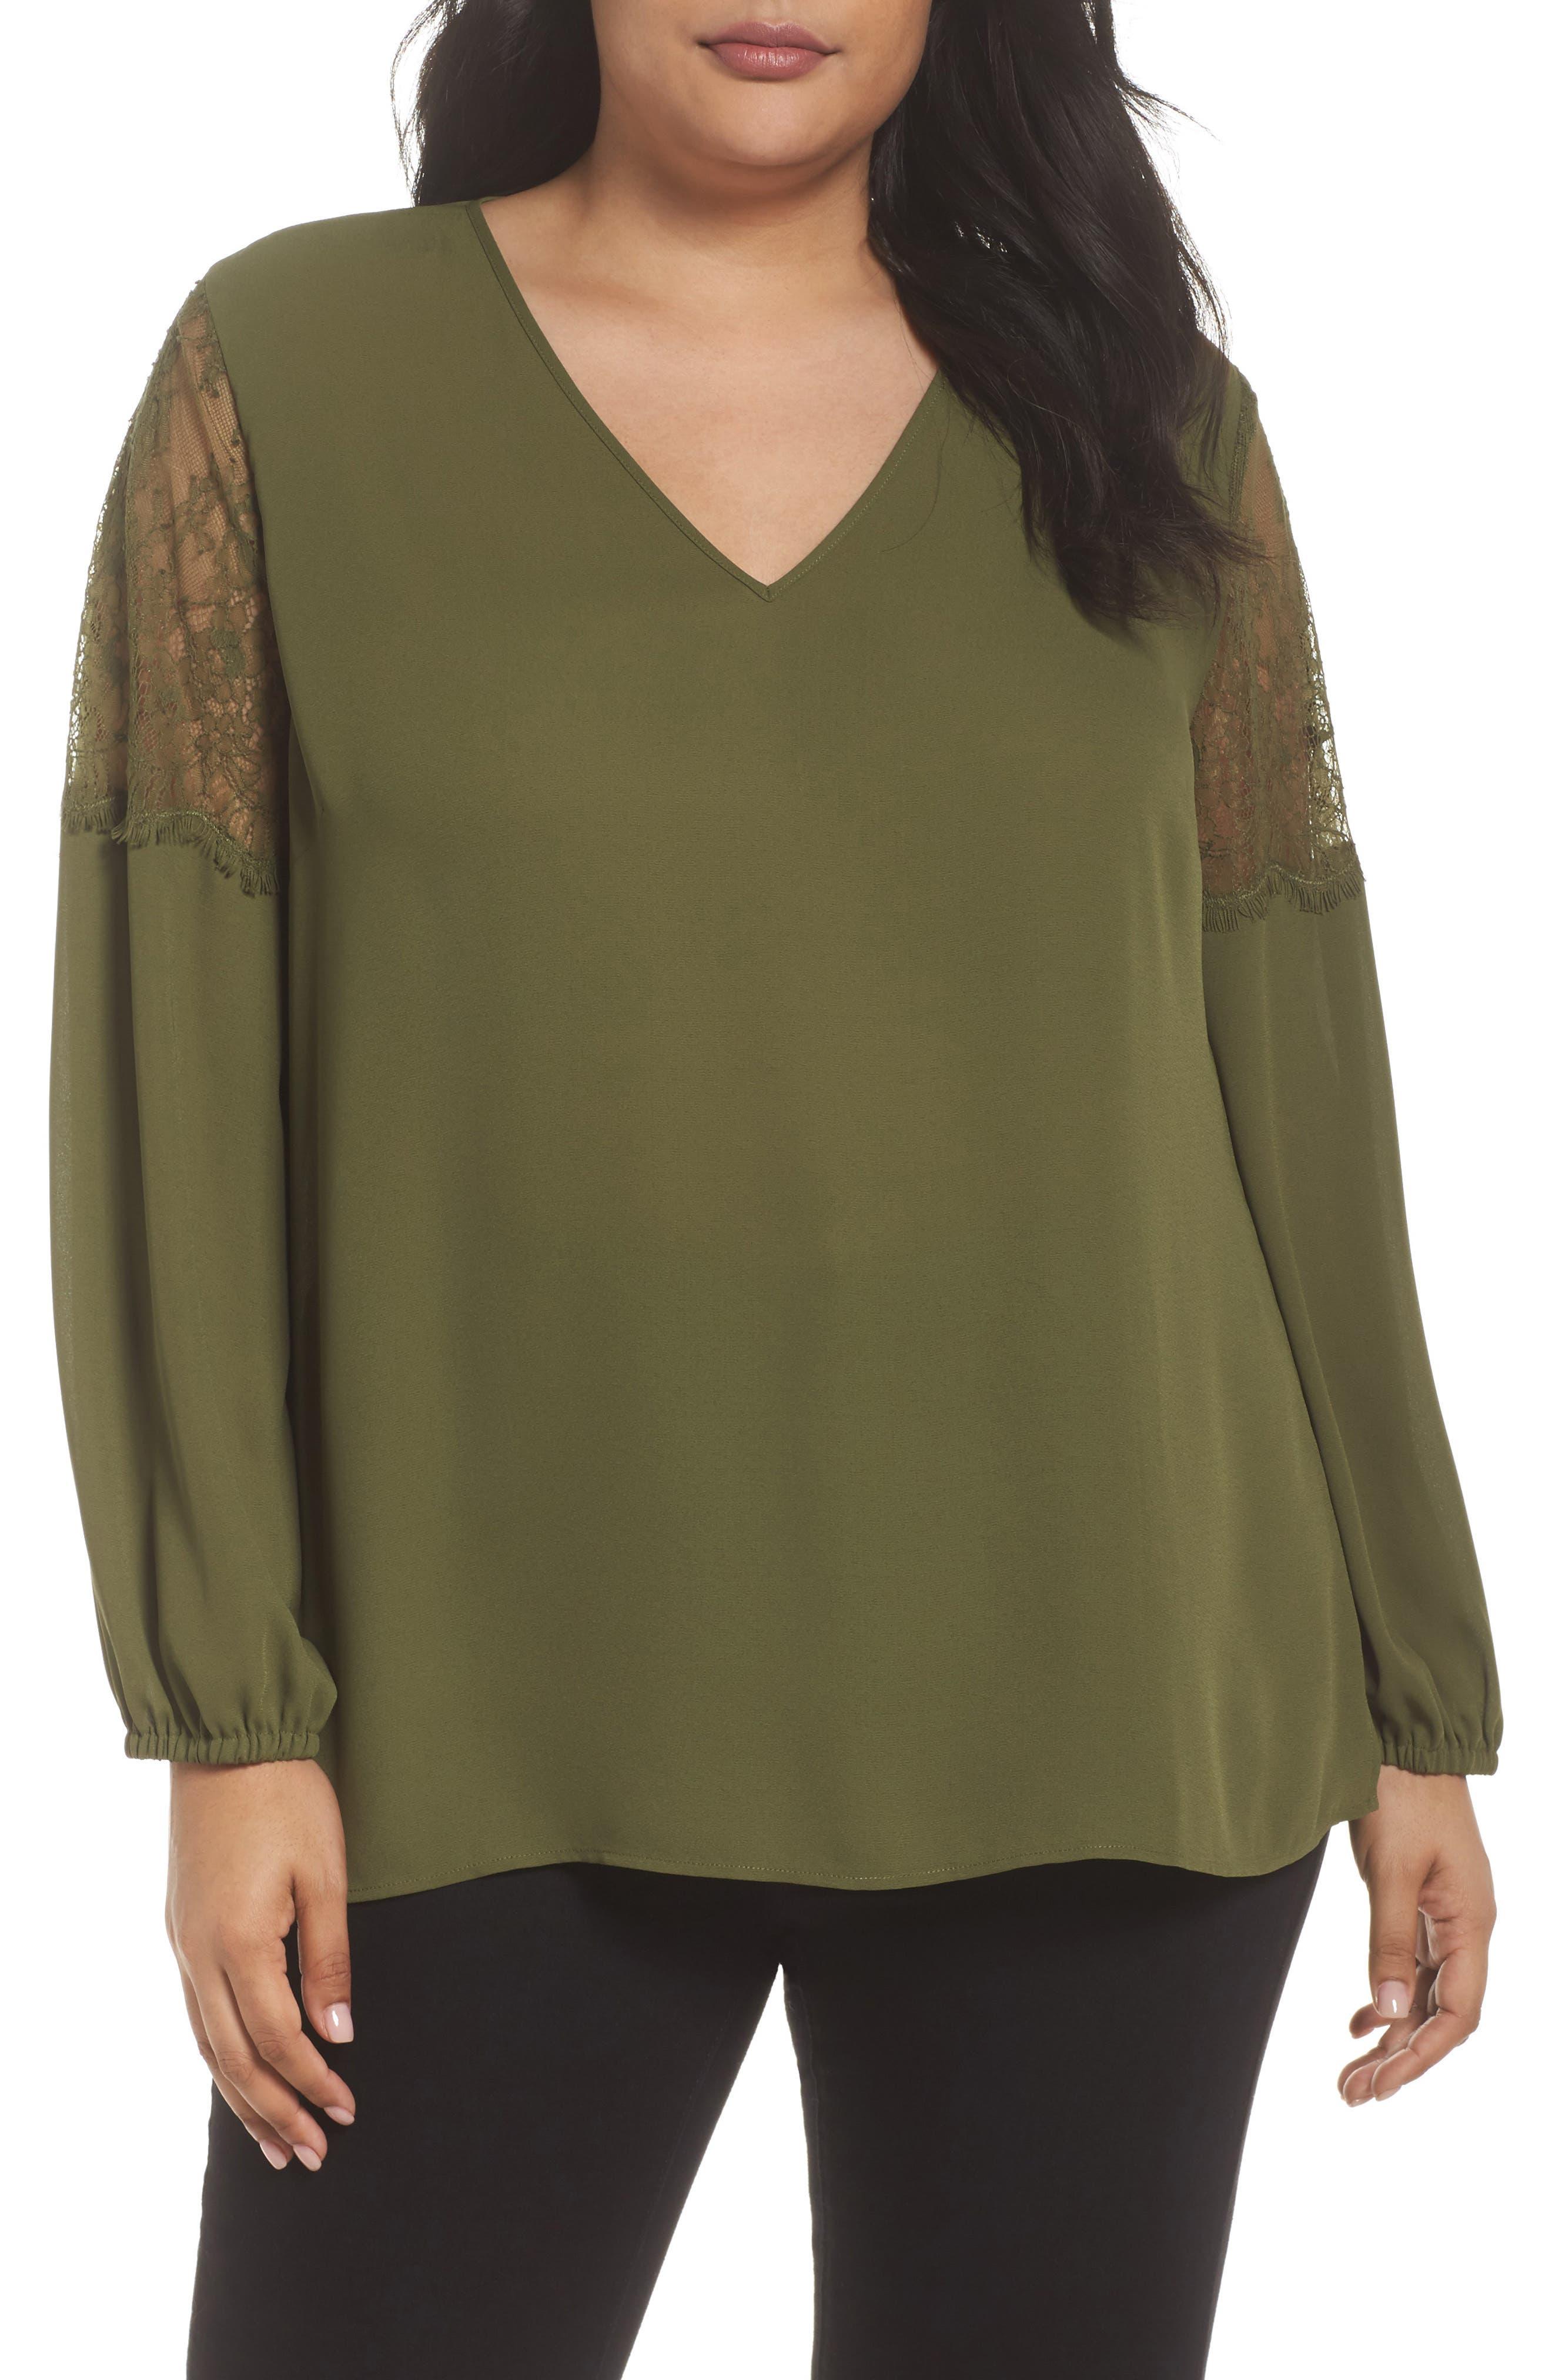 Sejour Lace Inset Sleeve Top (Plus Size)